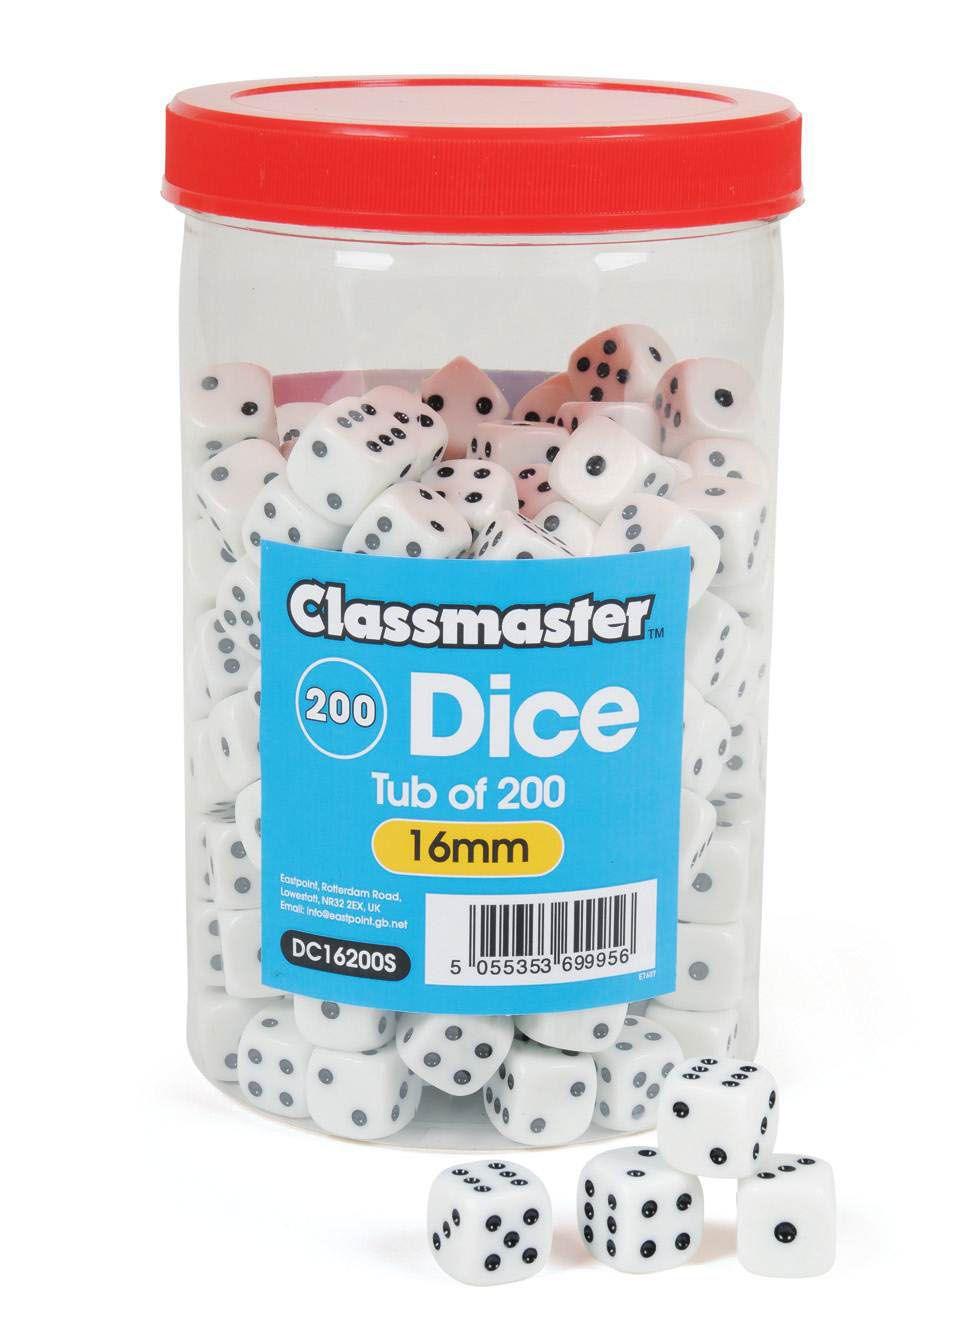 Classmaster Dice 16mm - Tub of 200